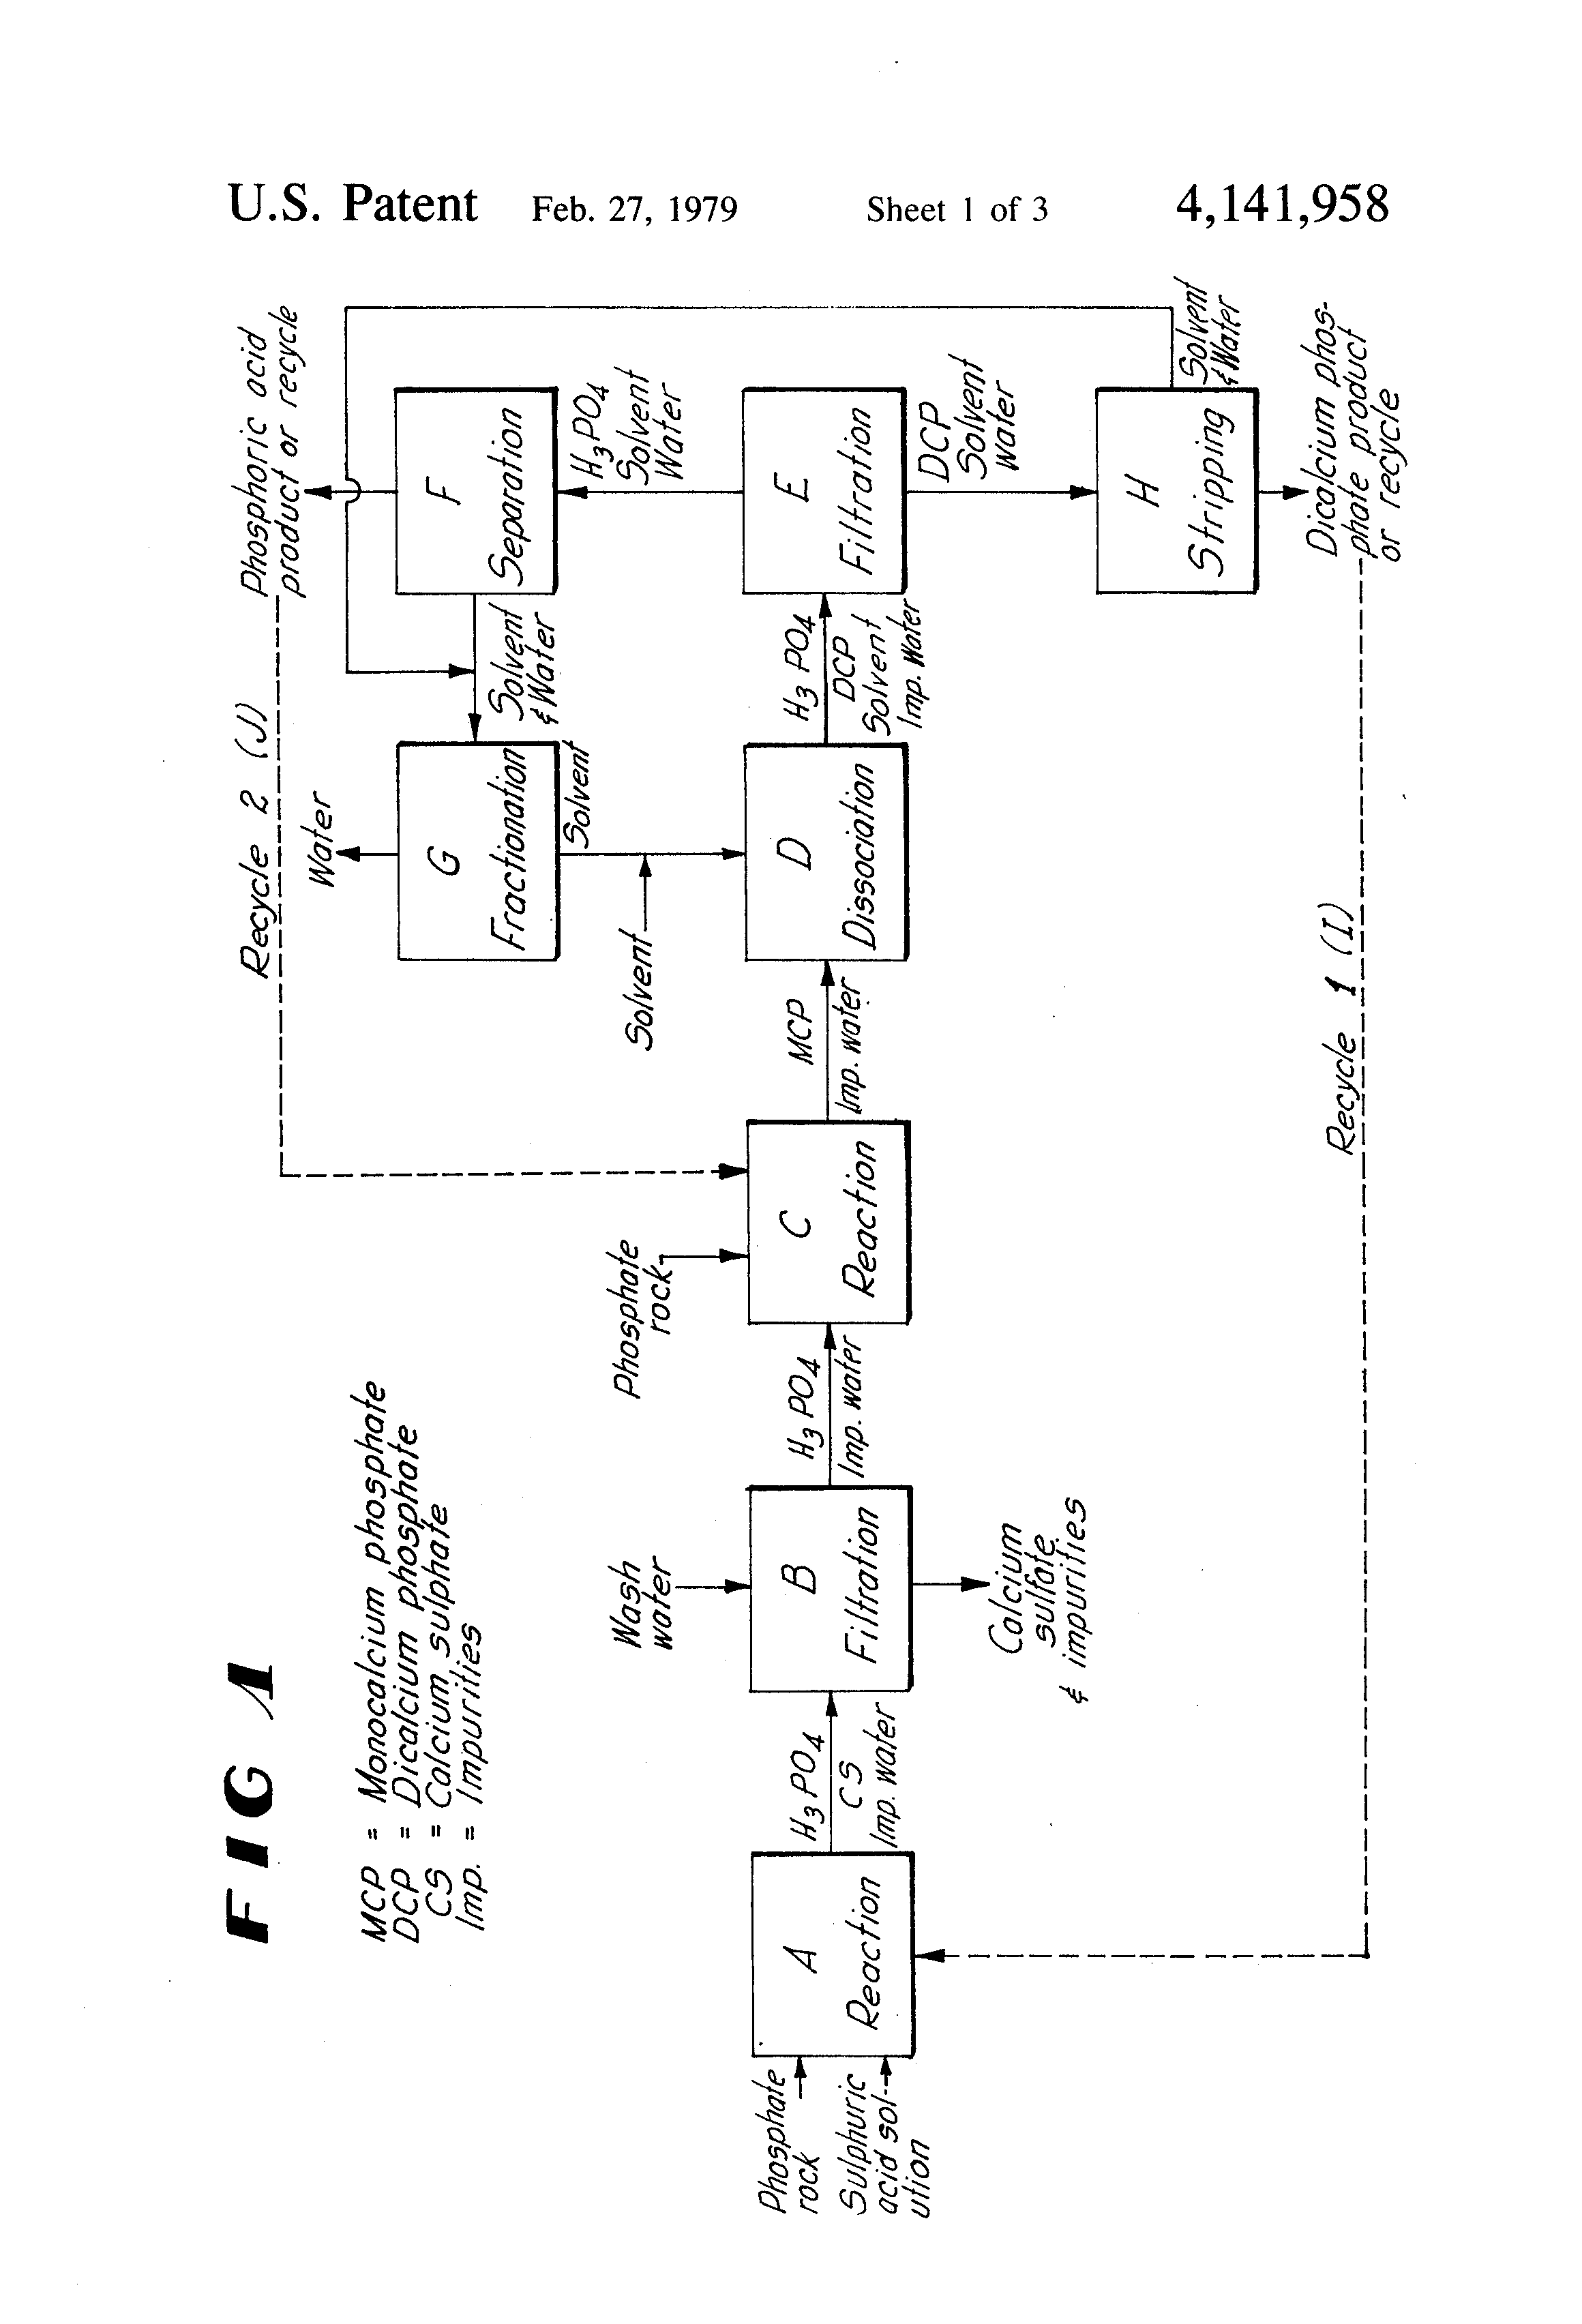 Phosphate Rock And Sulfuric Acid